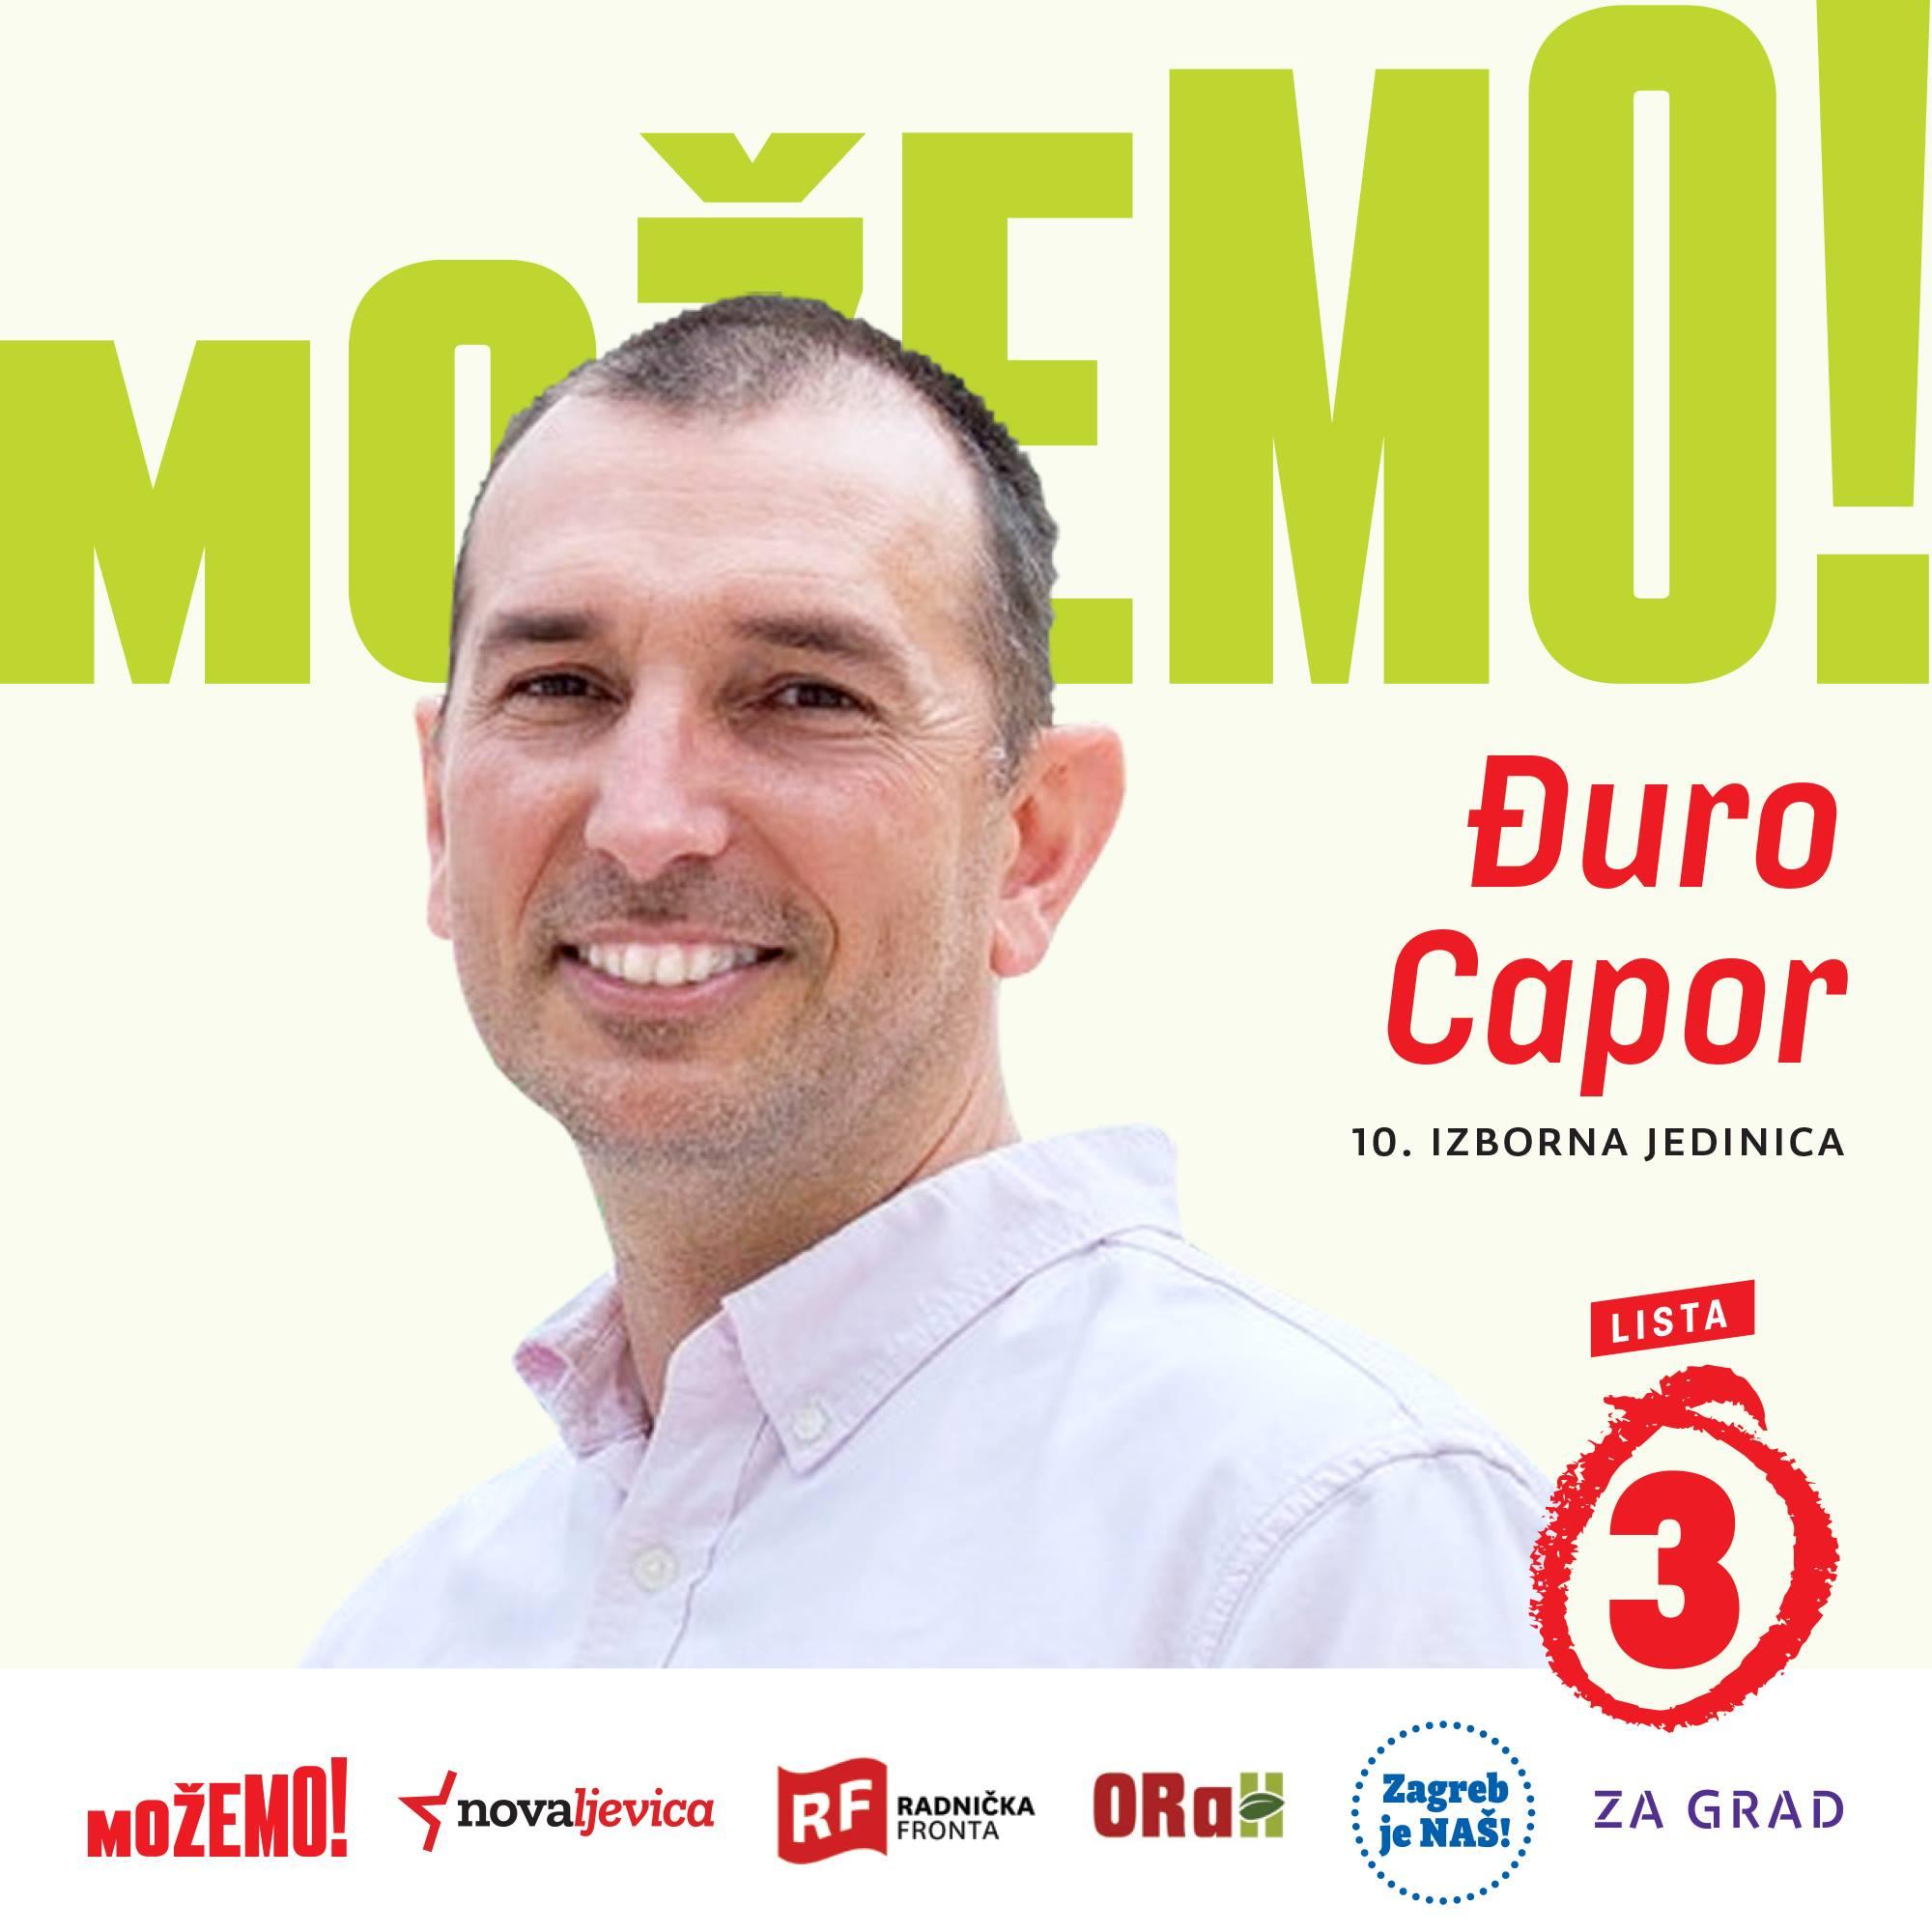 """Predstavljamo drugog na našoj listi u 10. izbornoj jedinici – koordinatora inicijative """"Srđ je naš"""" Đura Capora!"""